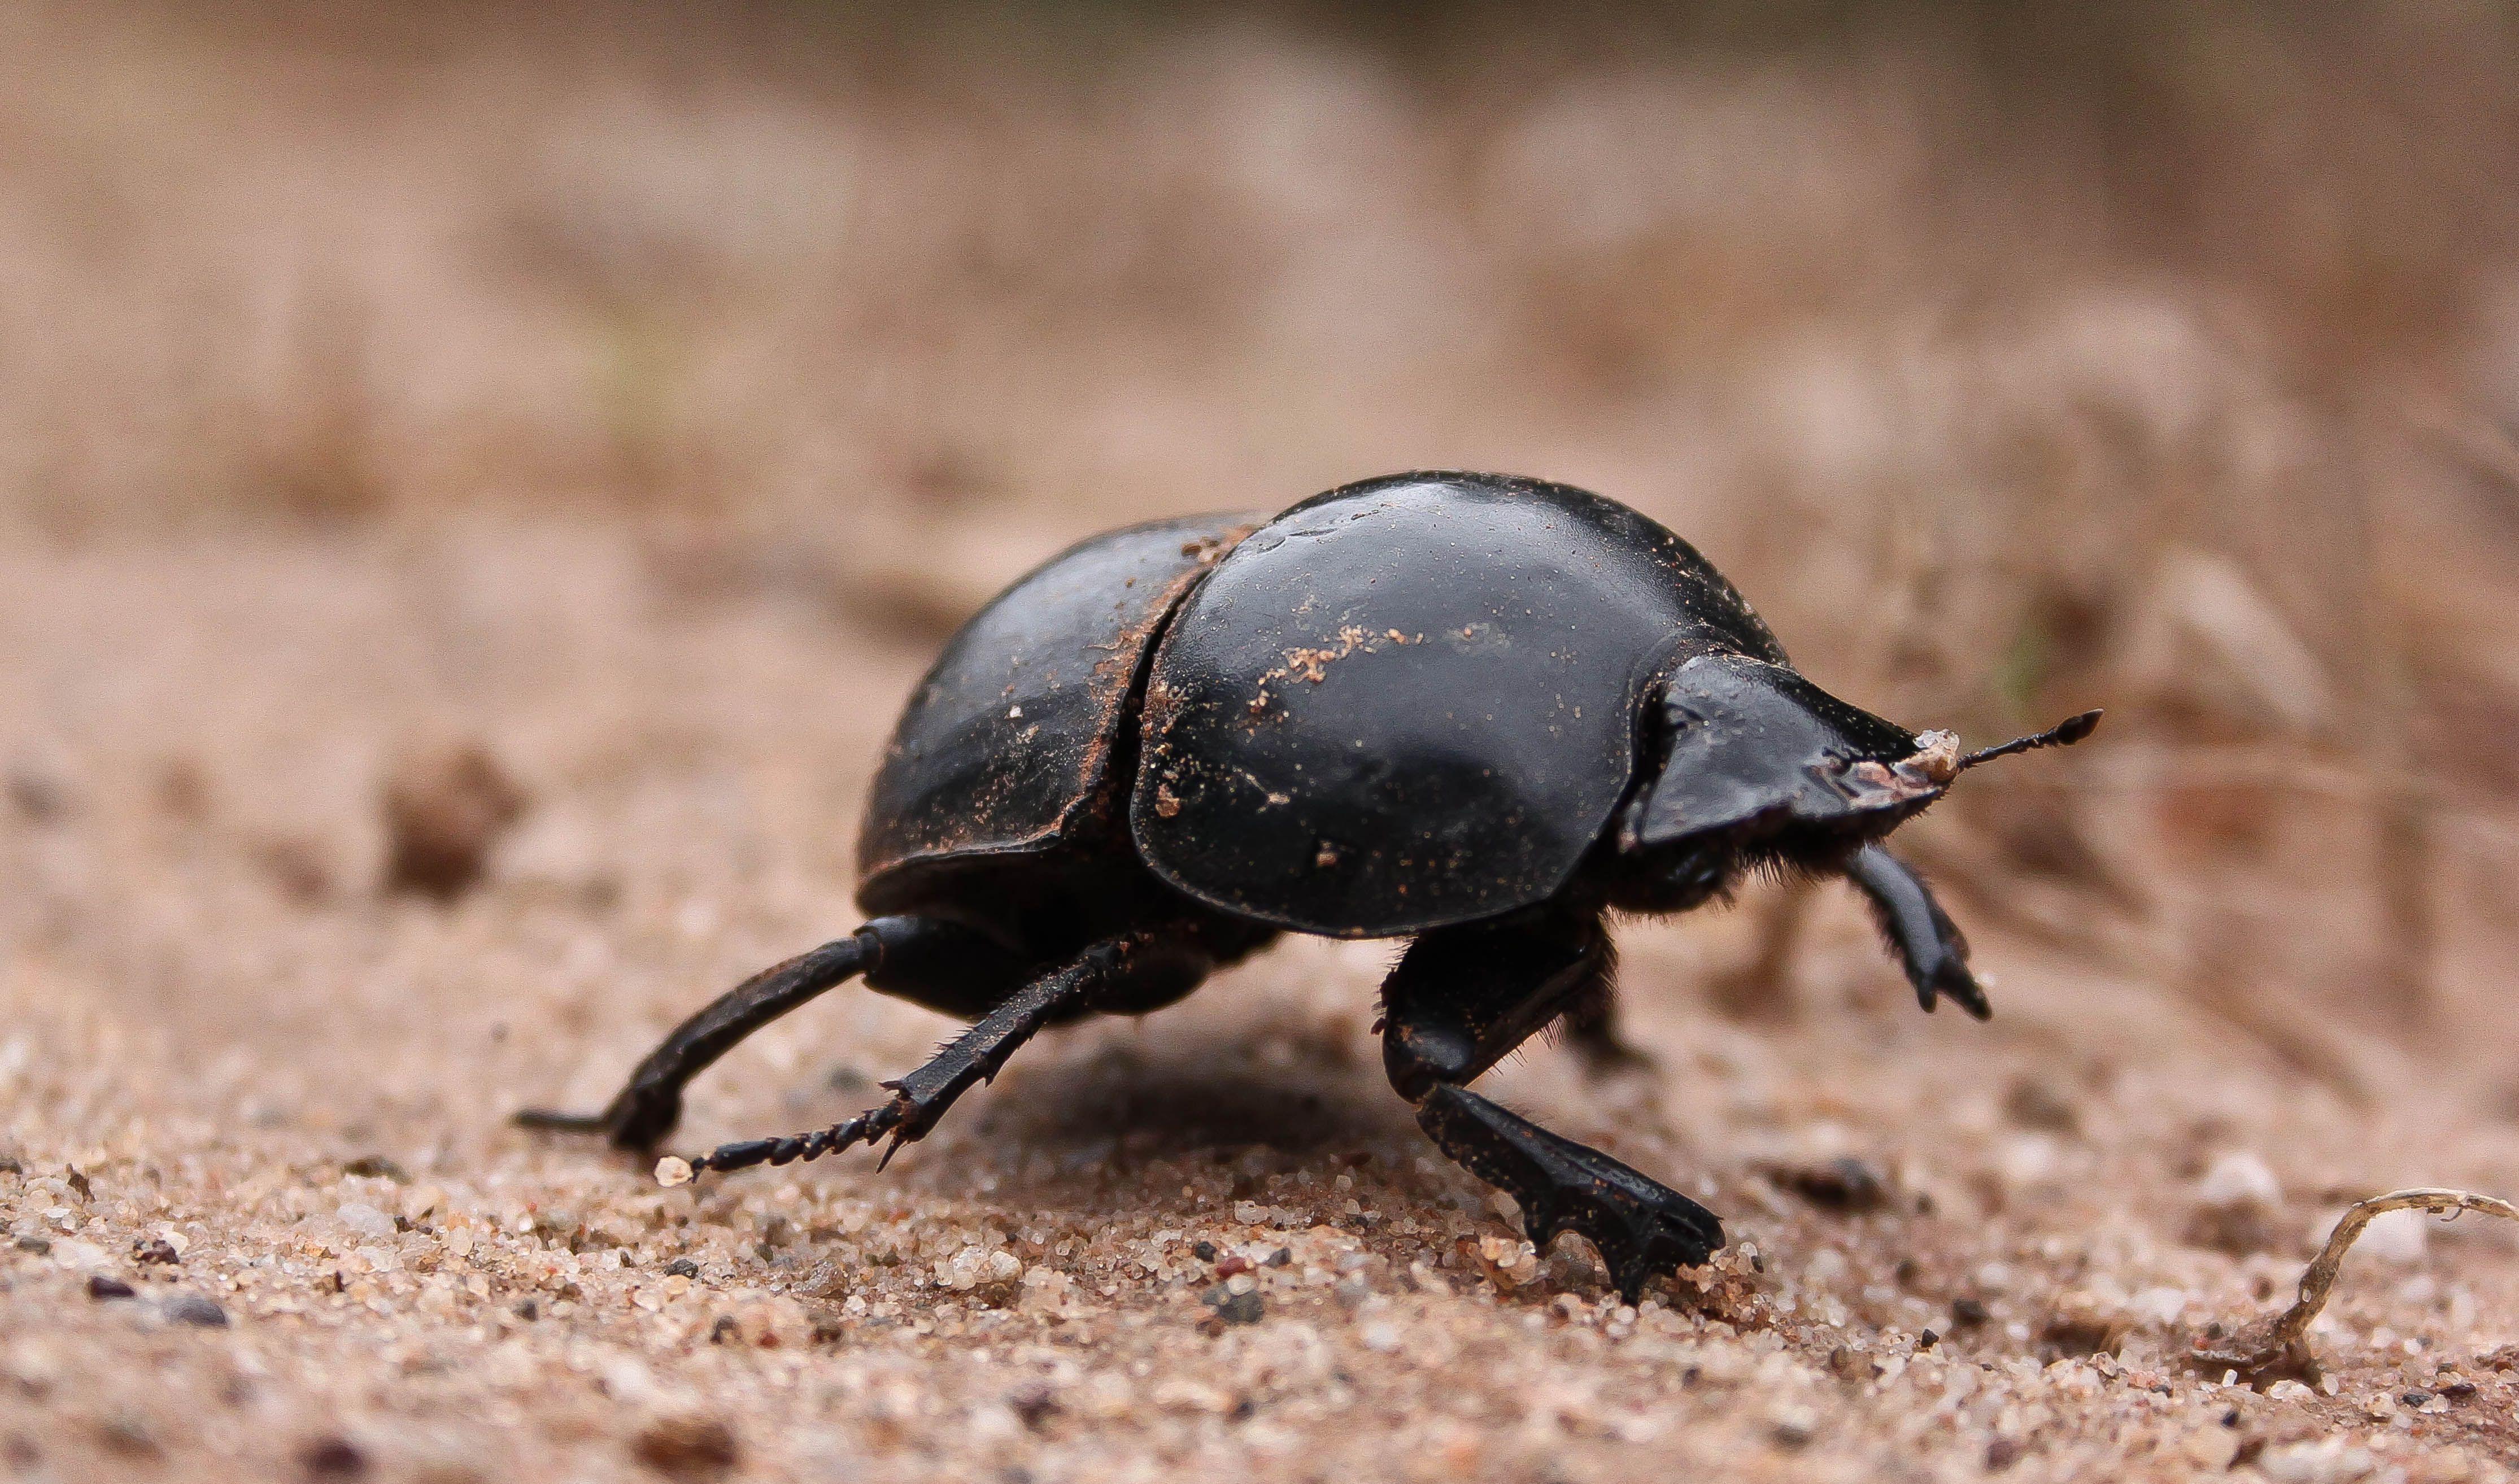 Жук навозник и скарабей одно и тоже | что говорят насекомые